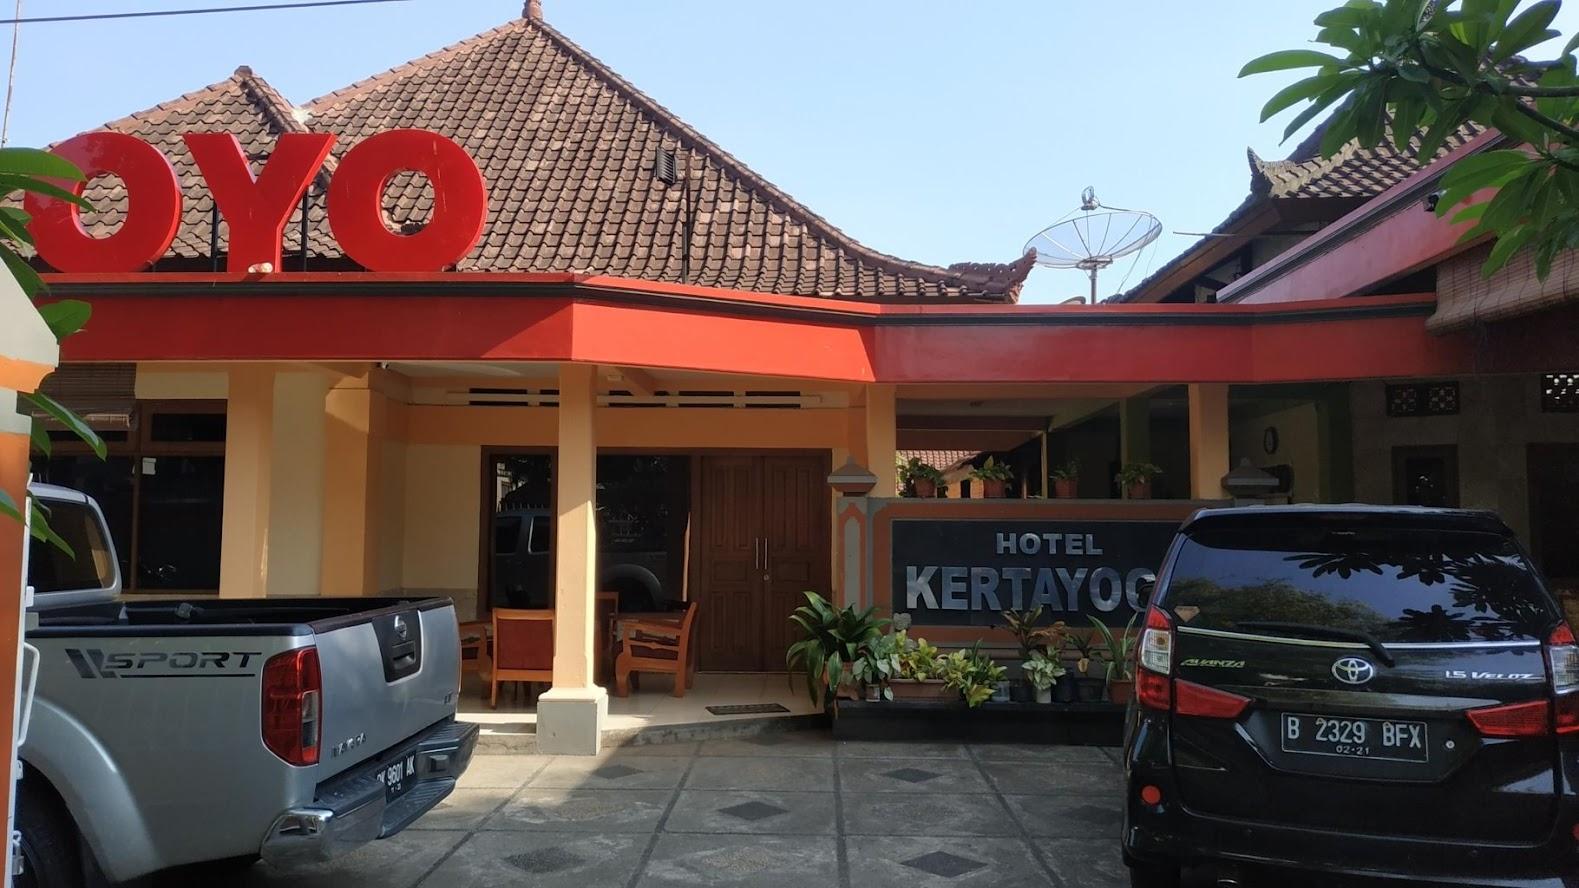 Depan hotel kertayoga dan juga parkir